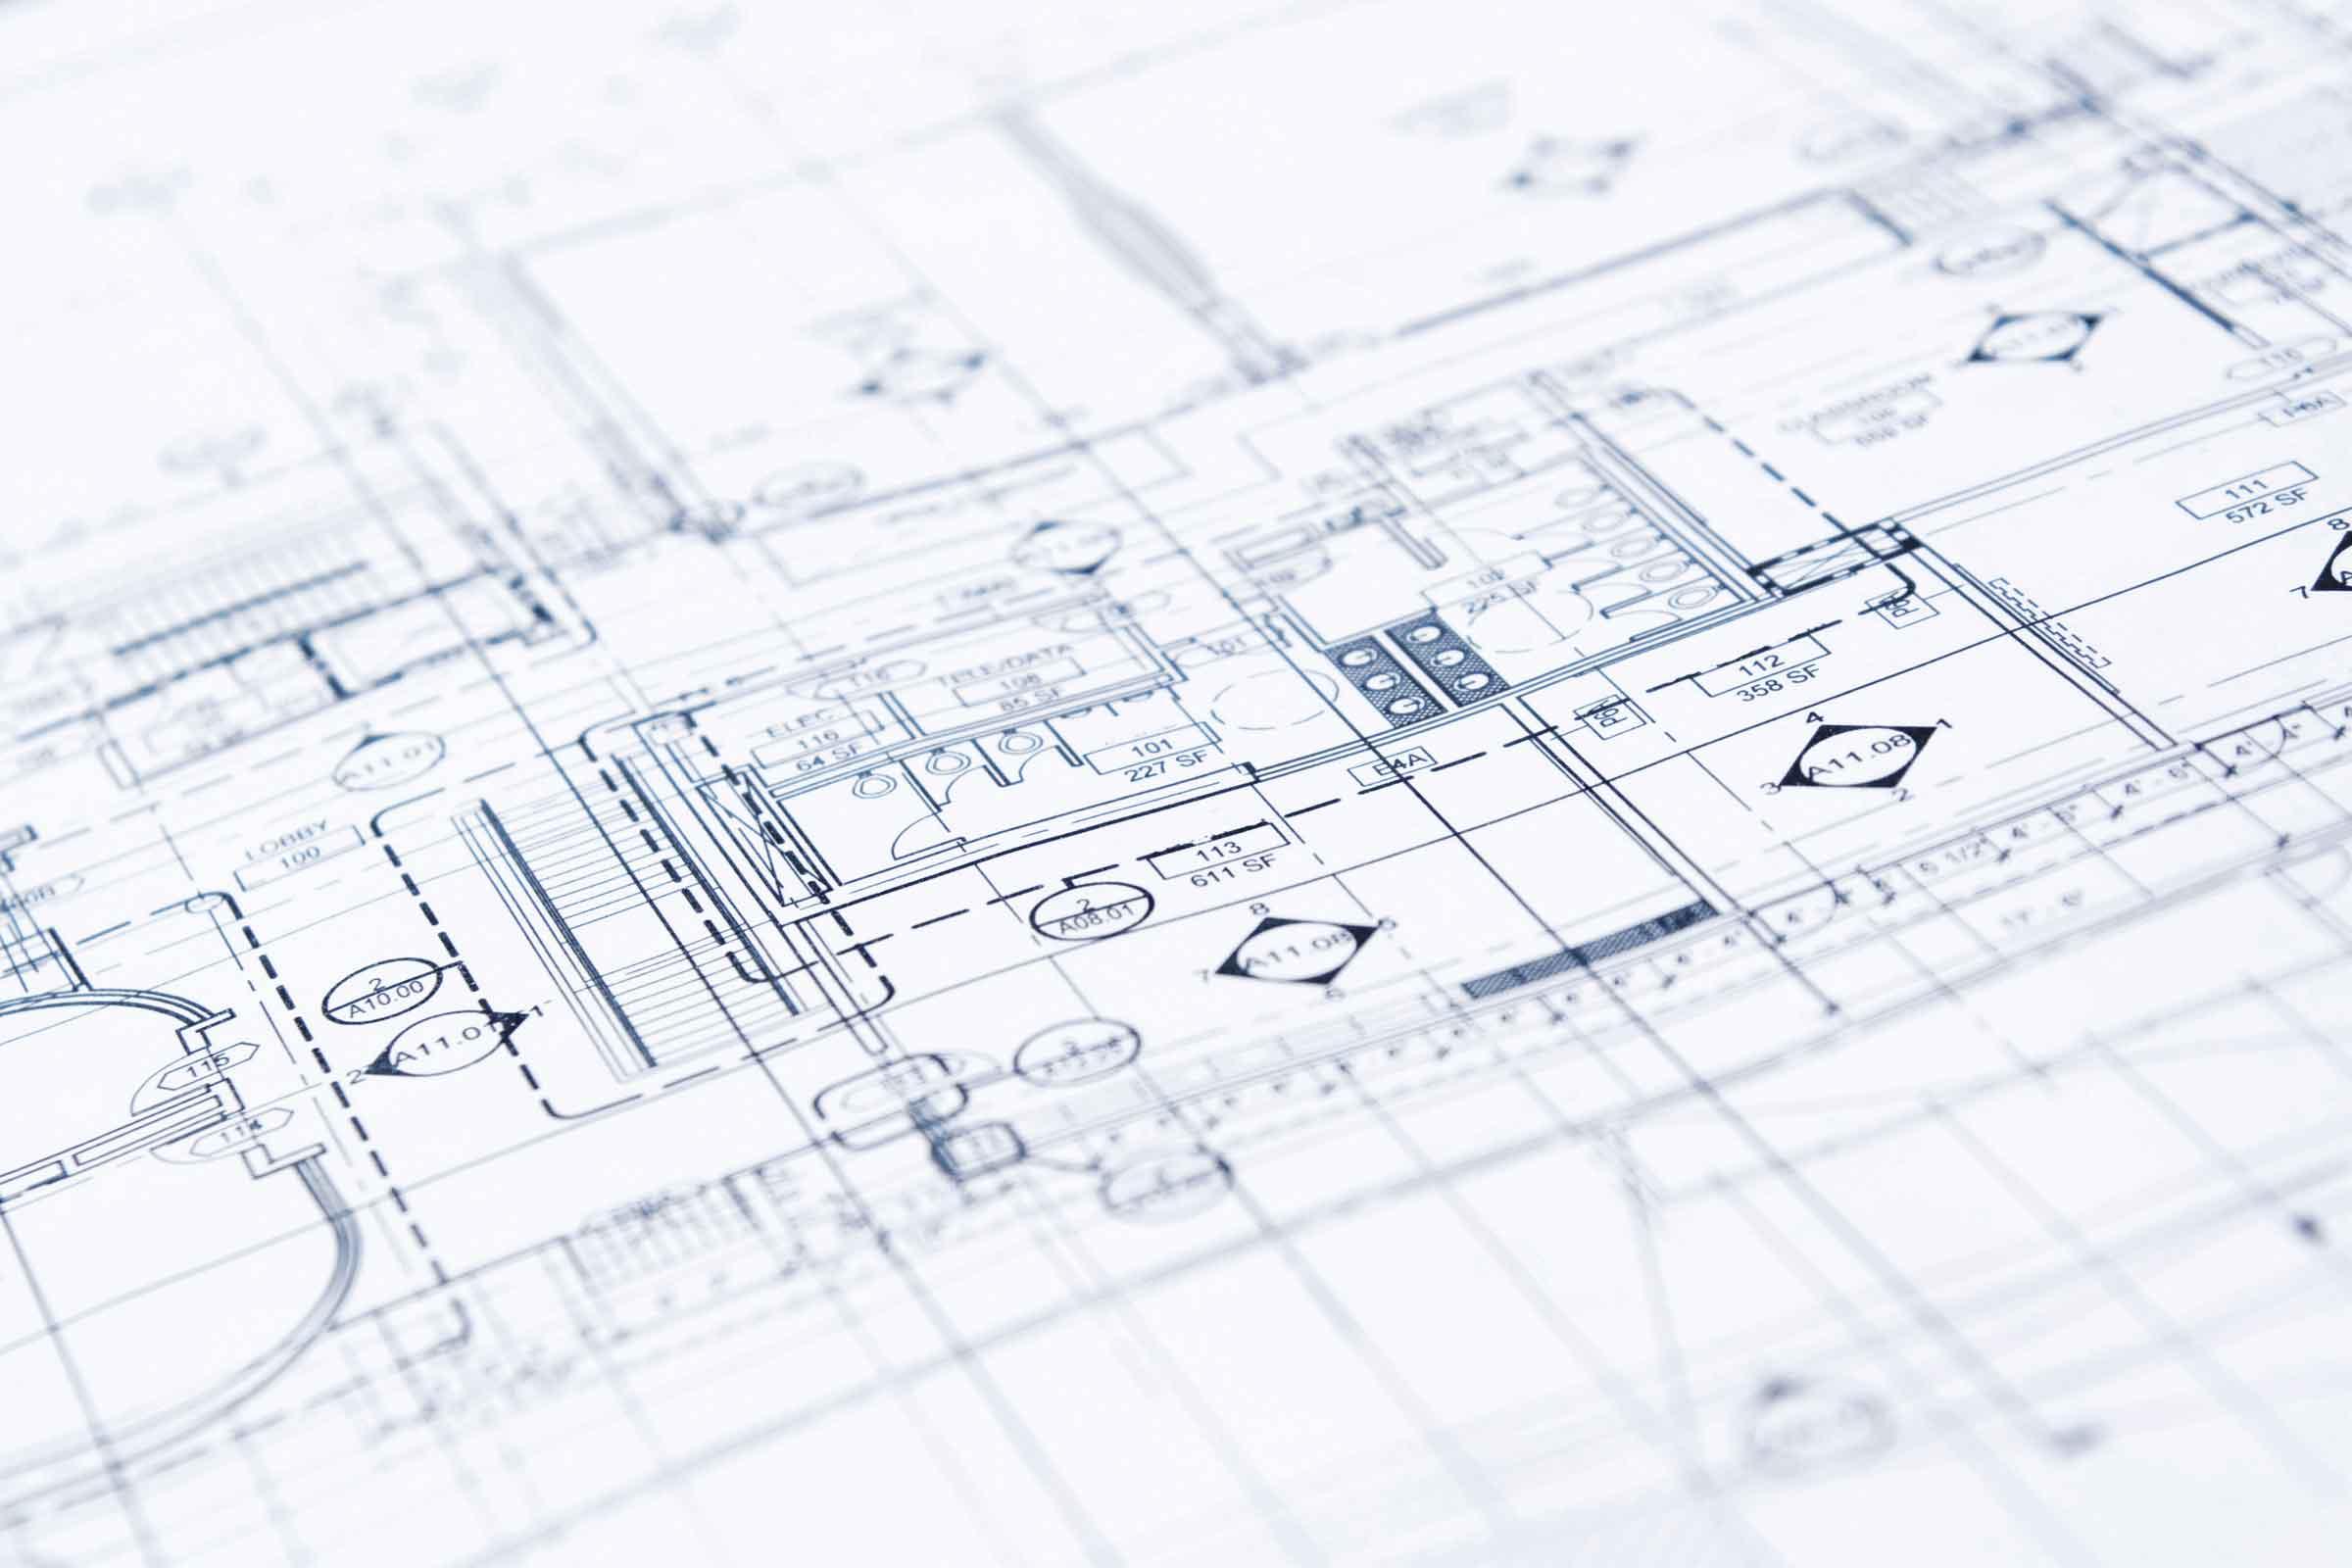 Architecture Blueprints Wallpaper blueprint prints images - reverse search